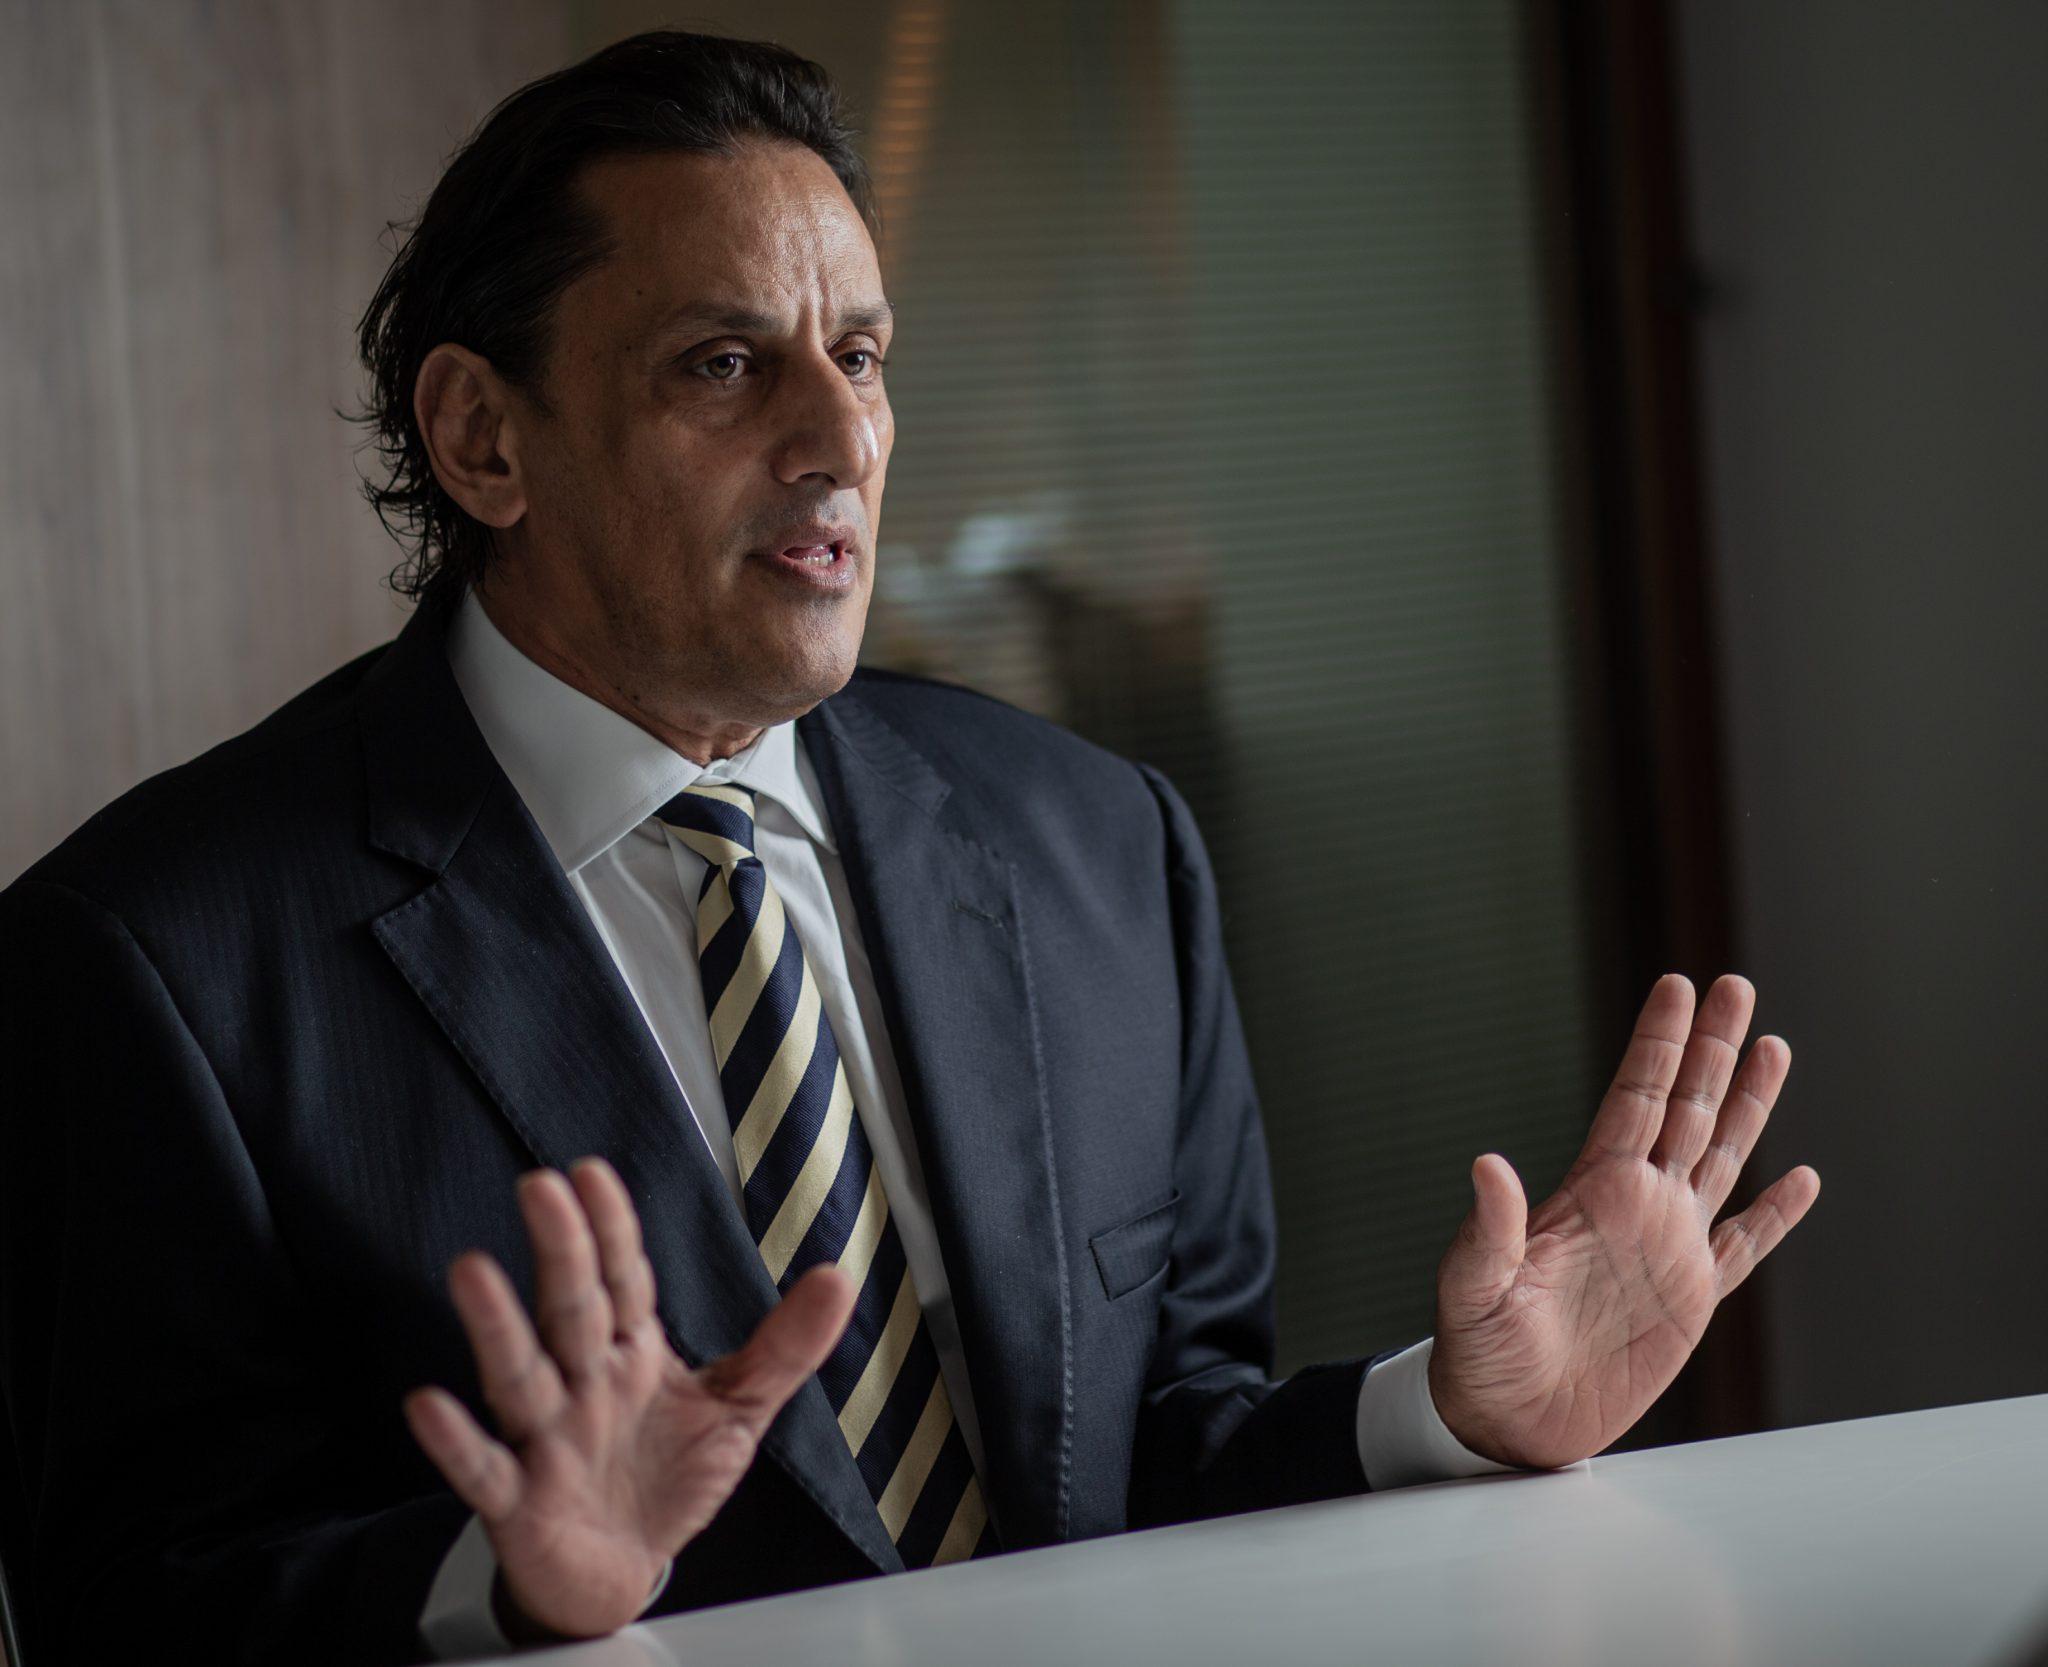 Alvo da PF, ex-advogado dos Bolsonaros recebeu R$ 2,7 milhões sob suspeita da Fecomercio